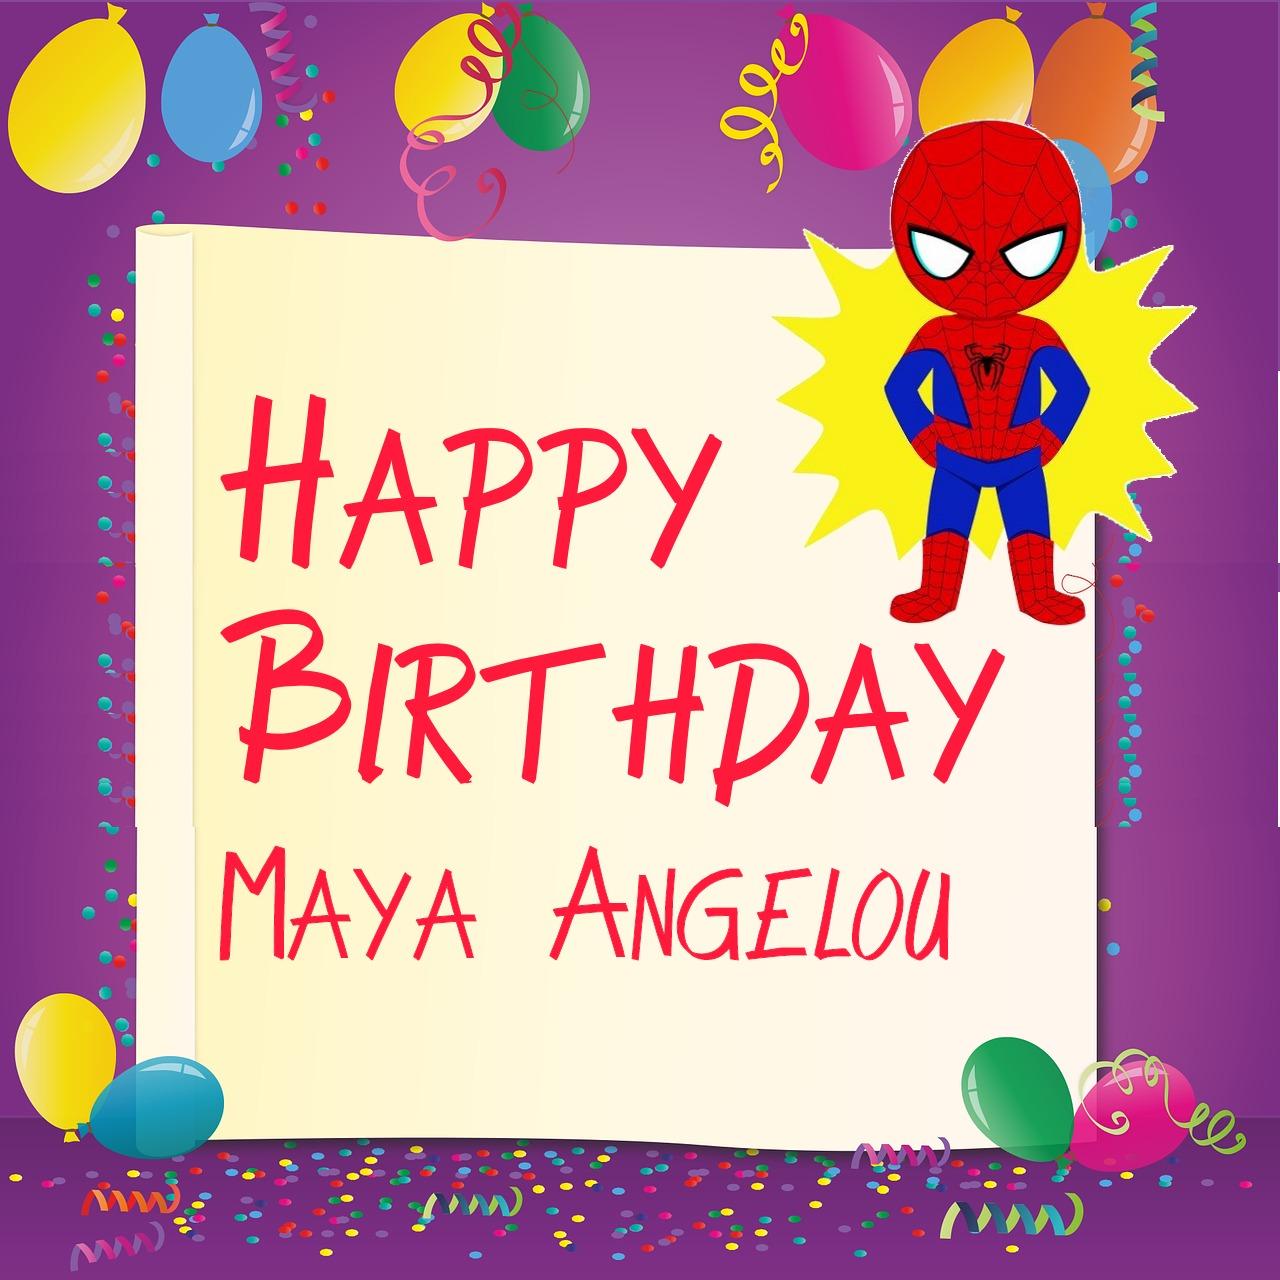 25 Meilleur Anniversaire Images Pour Maya Angelou Telechargement Instantane 2020